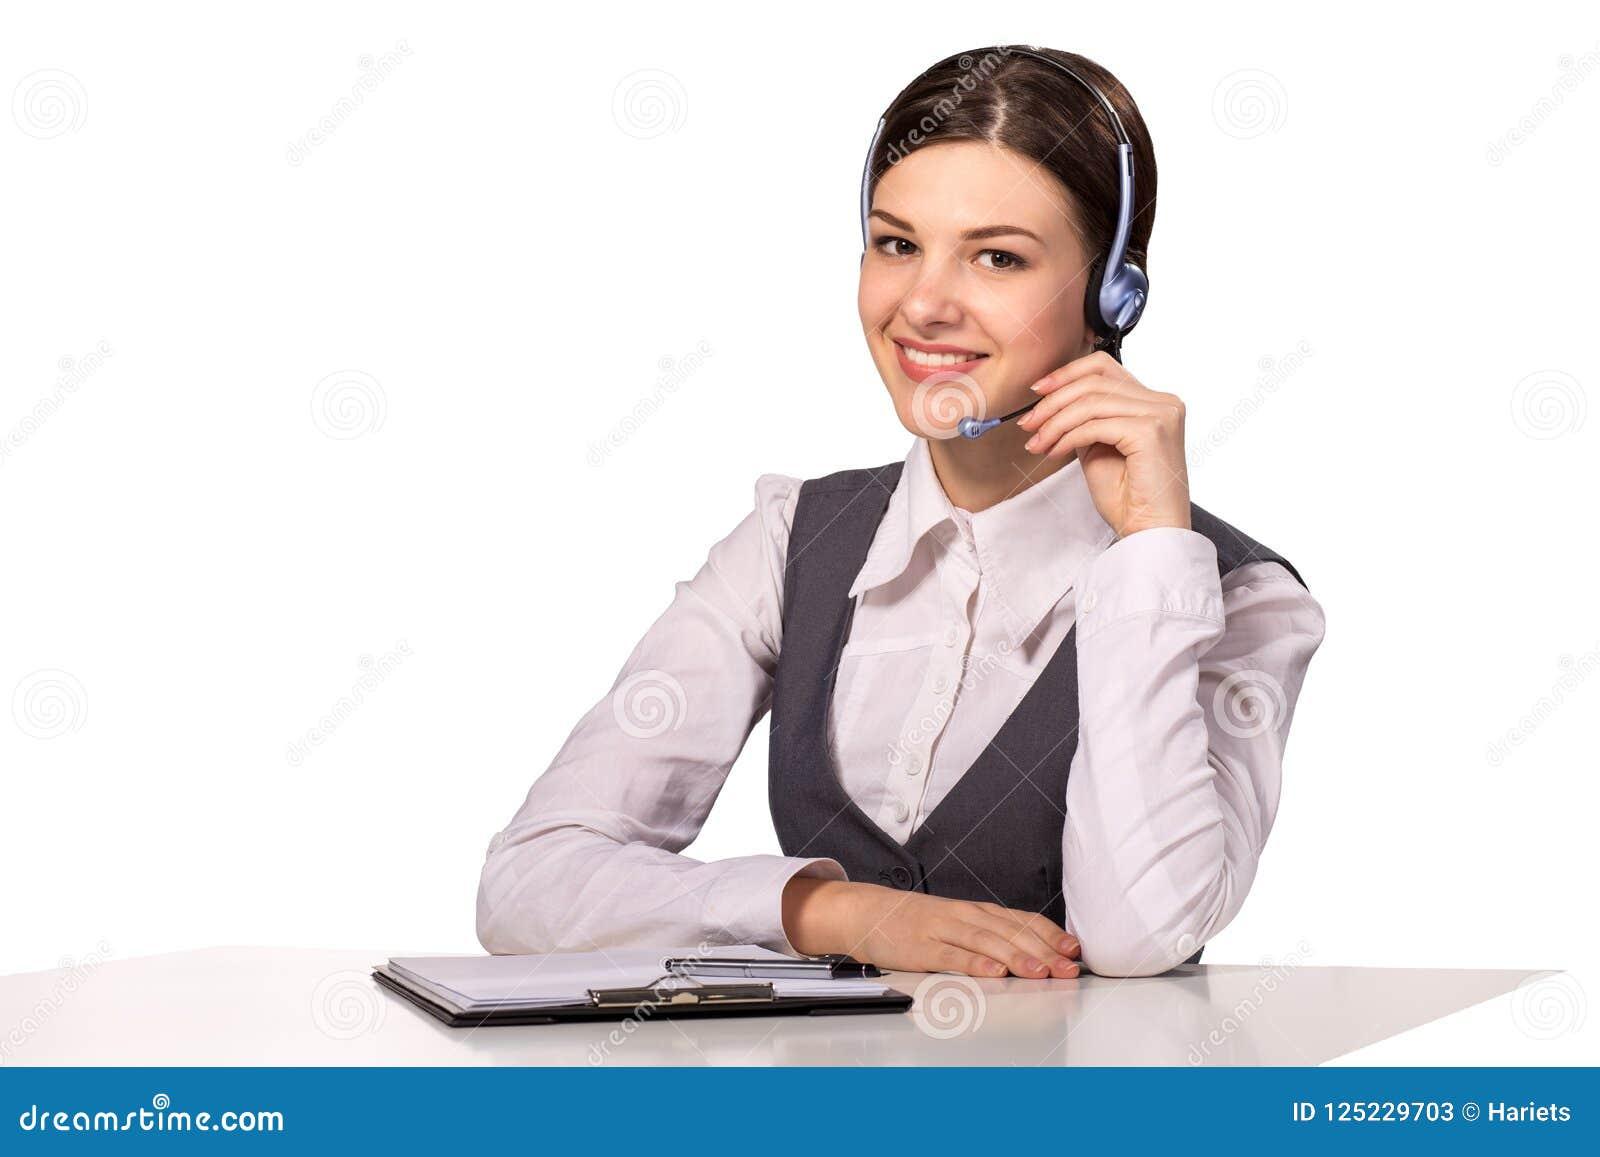 сь женщина поддержка оператора шлемофона клиента женская